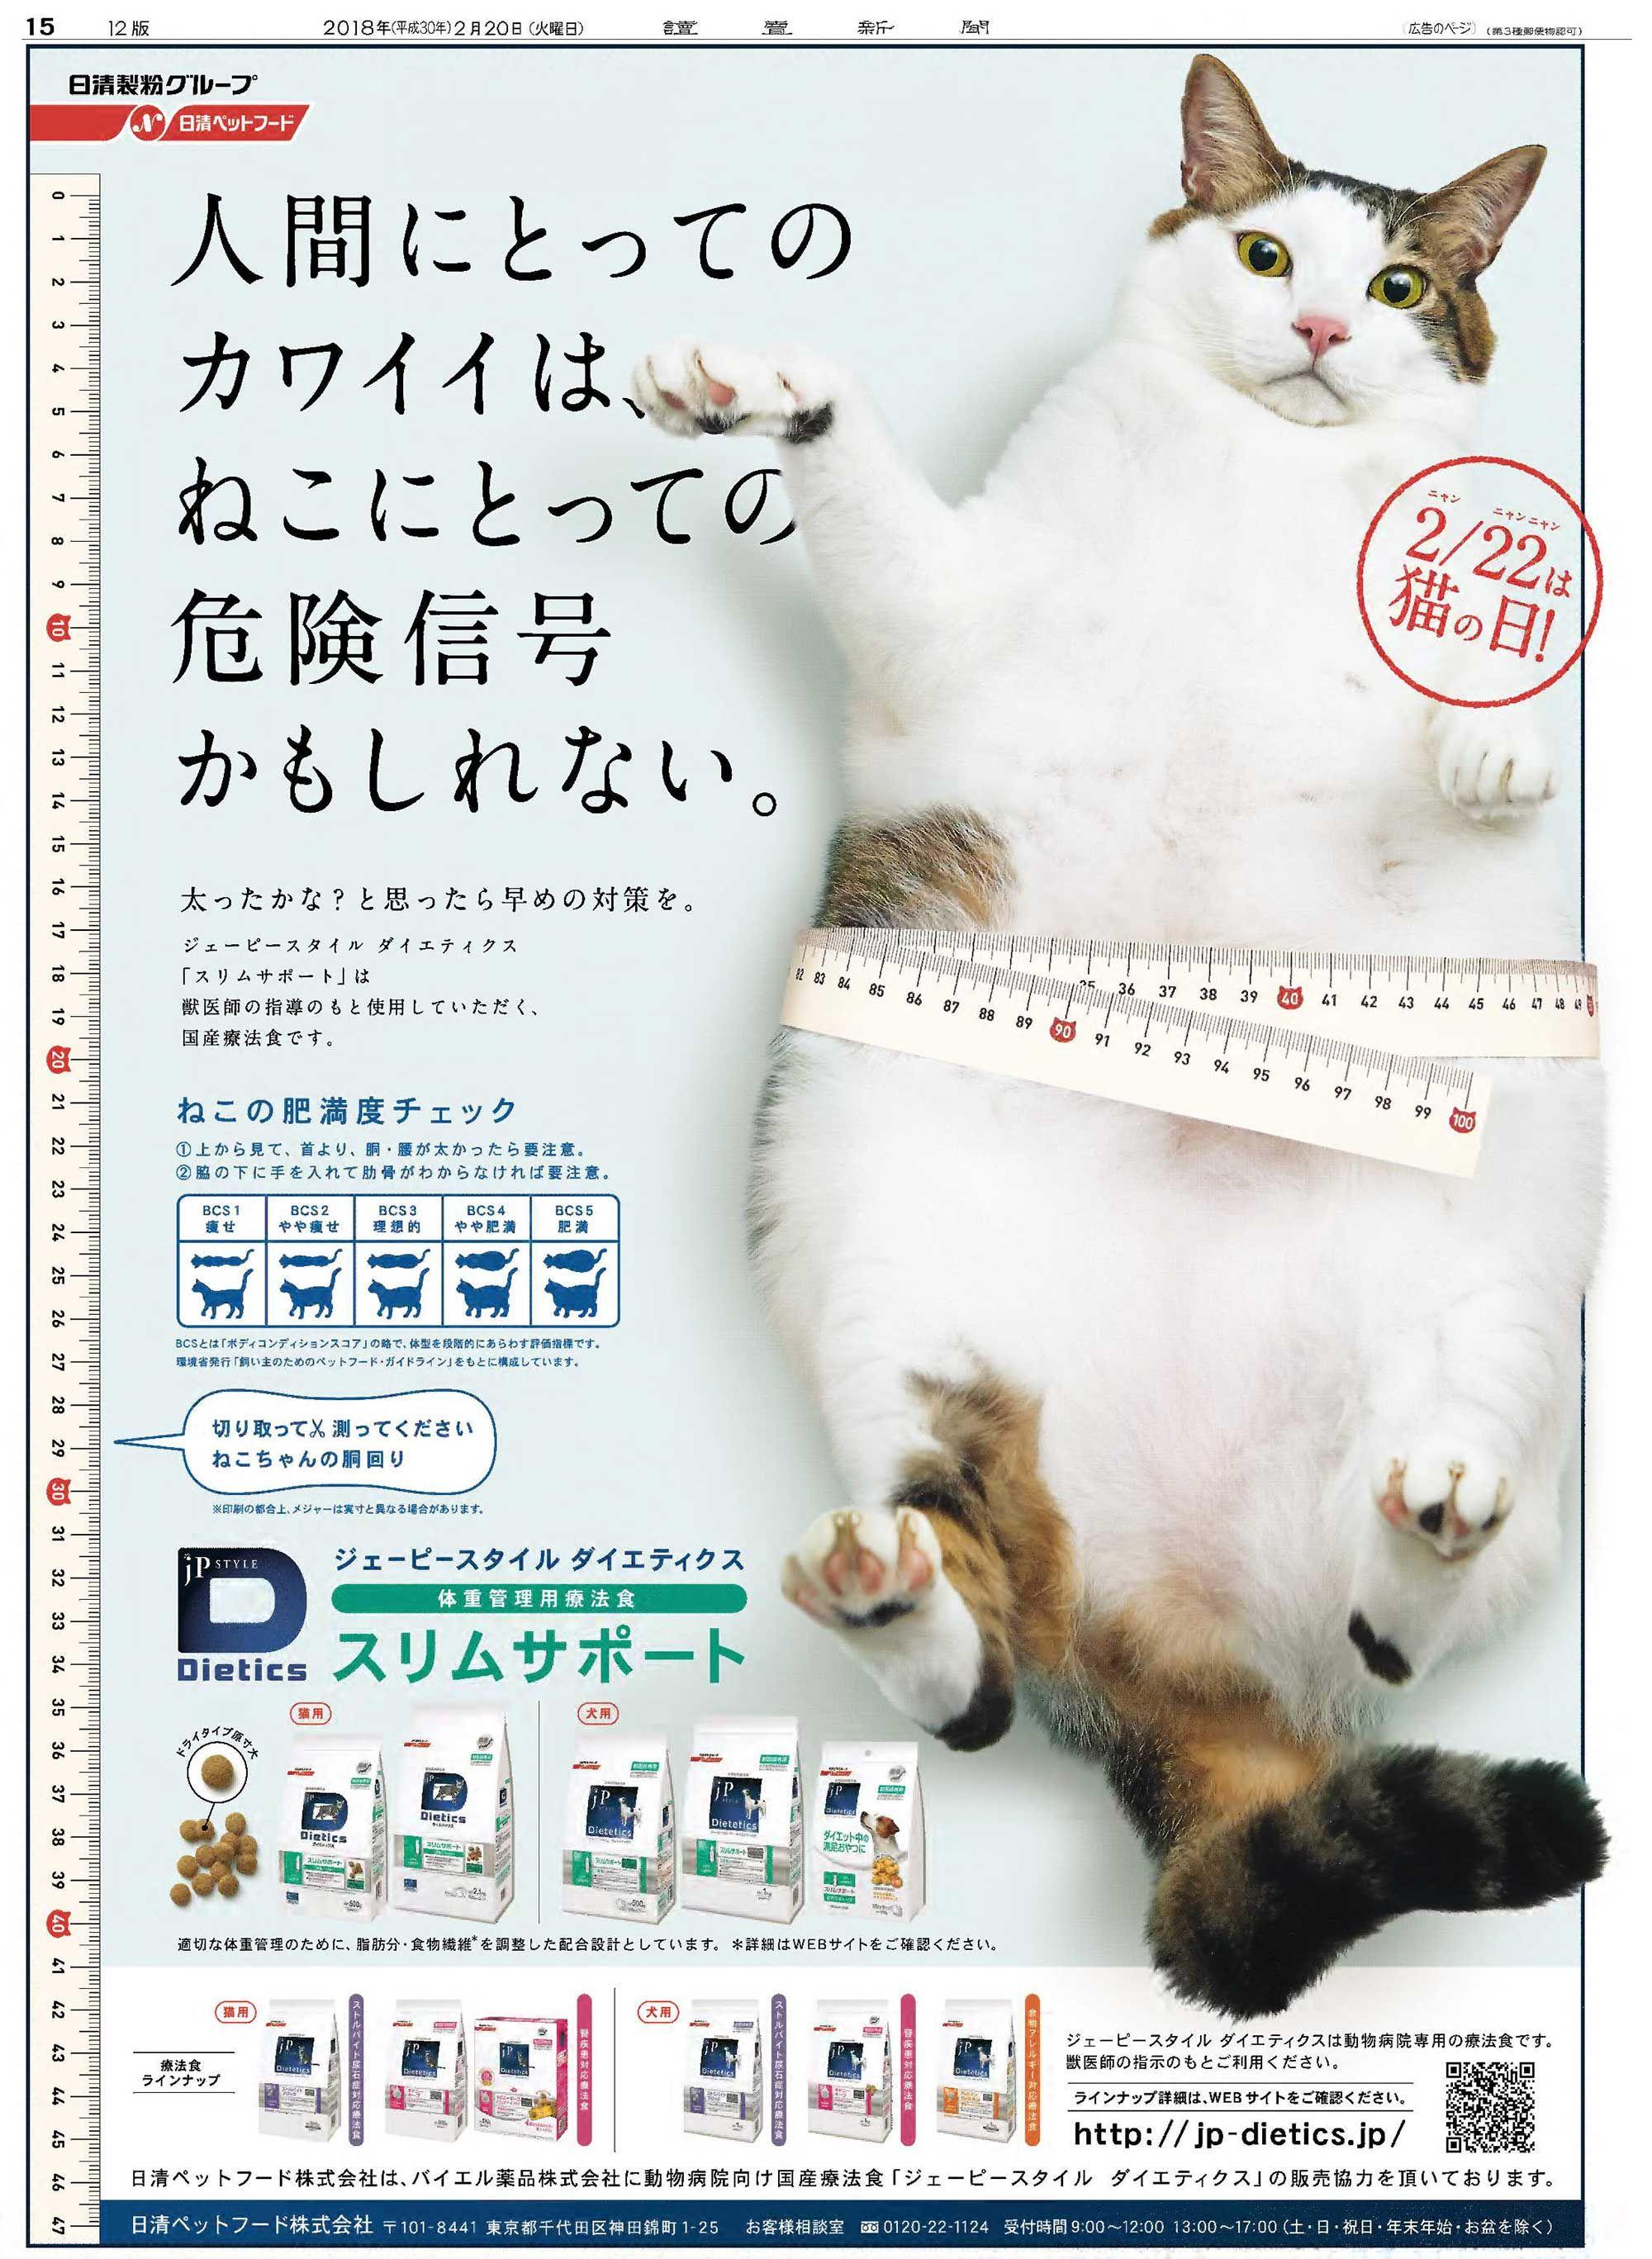 日清ペットフード 新聞広告データアーカイブ 日本のグラフィックデザイン パンフレット デザイン Lp デザイン